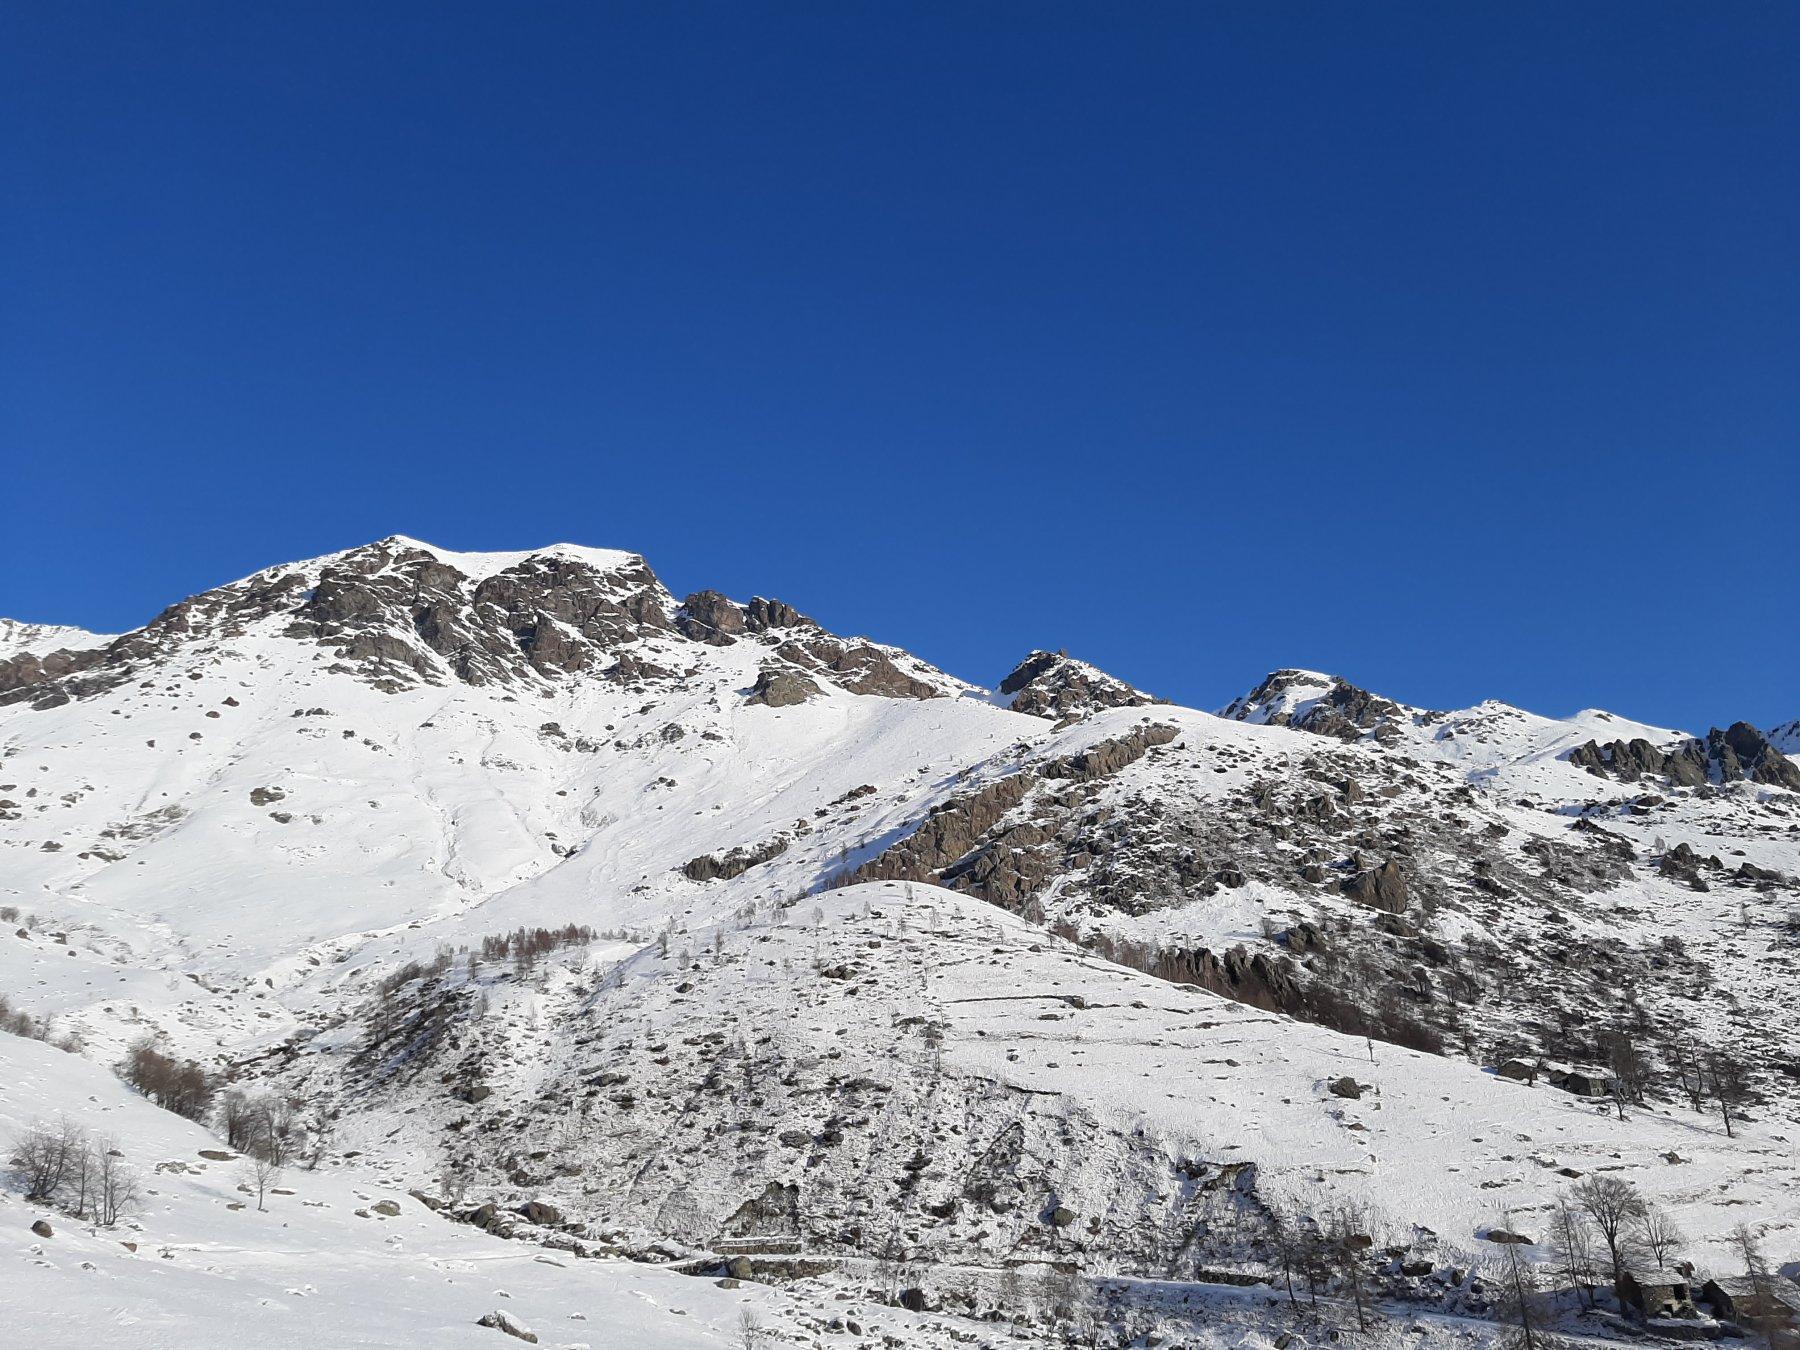 Al centro il Monte Ciorneva. A dx, sul fondo, a Cima La Rossa